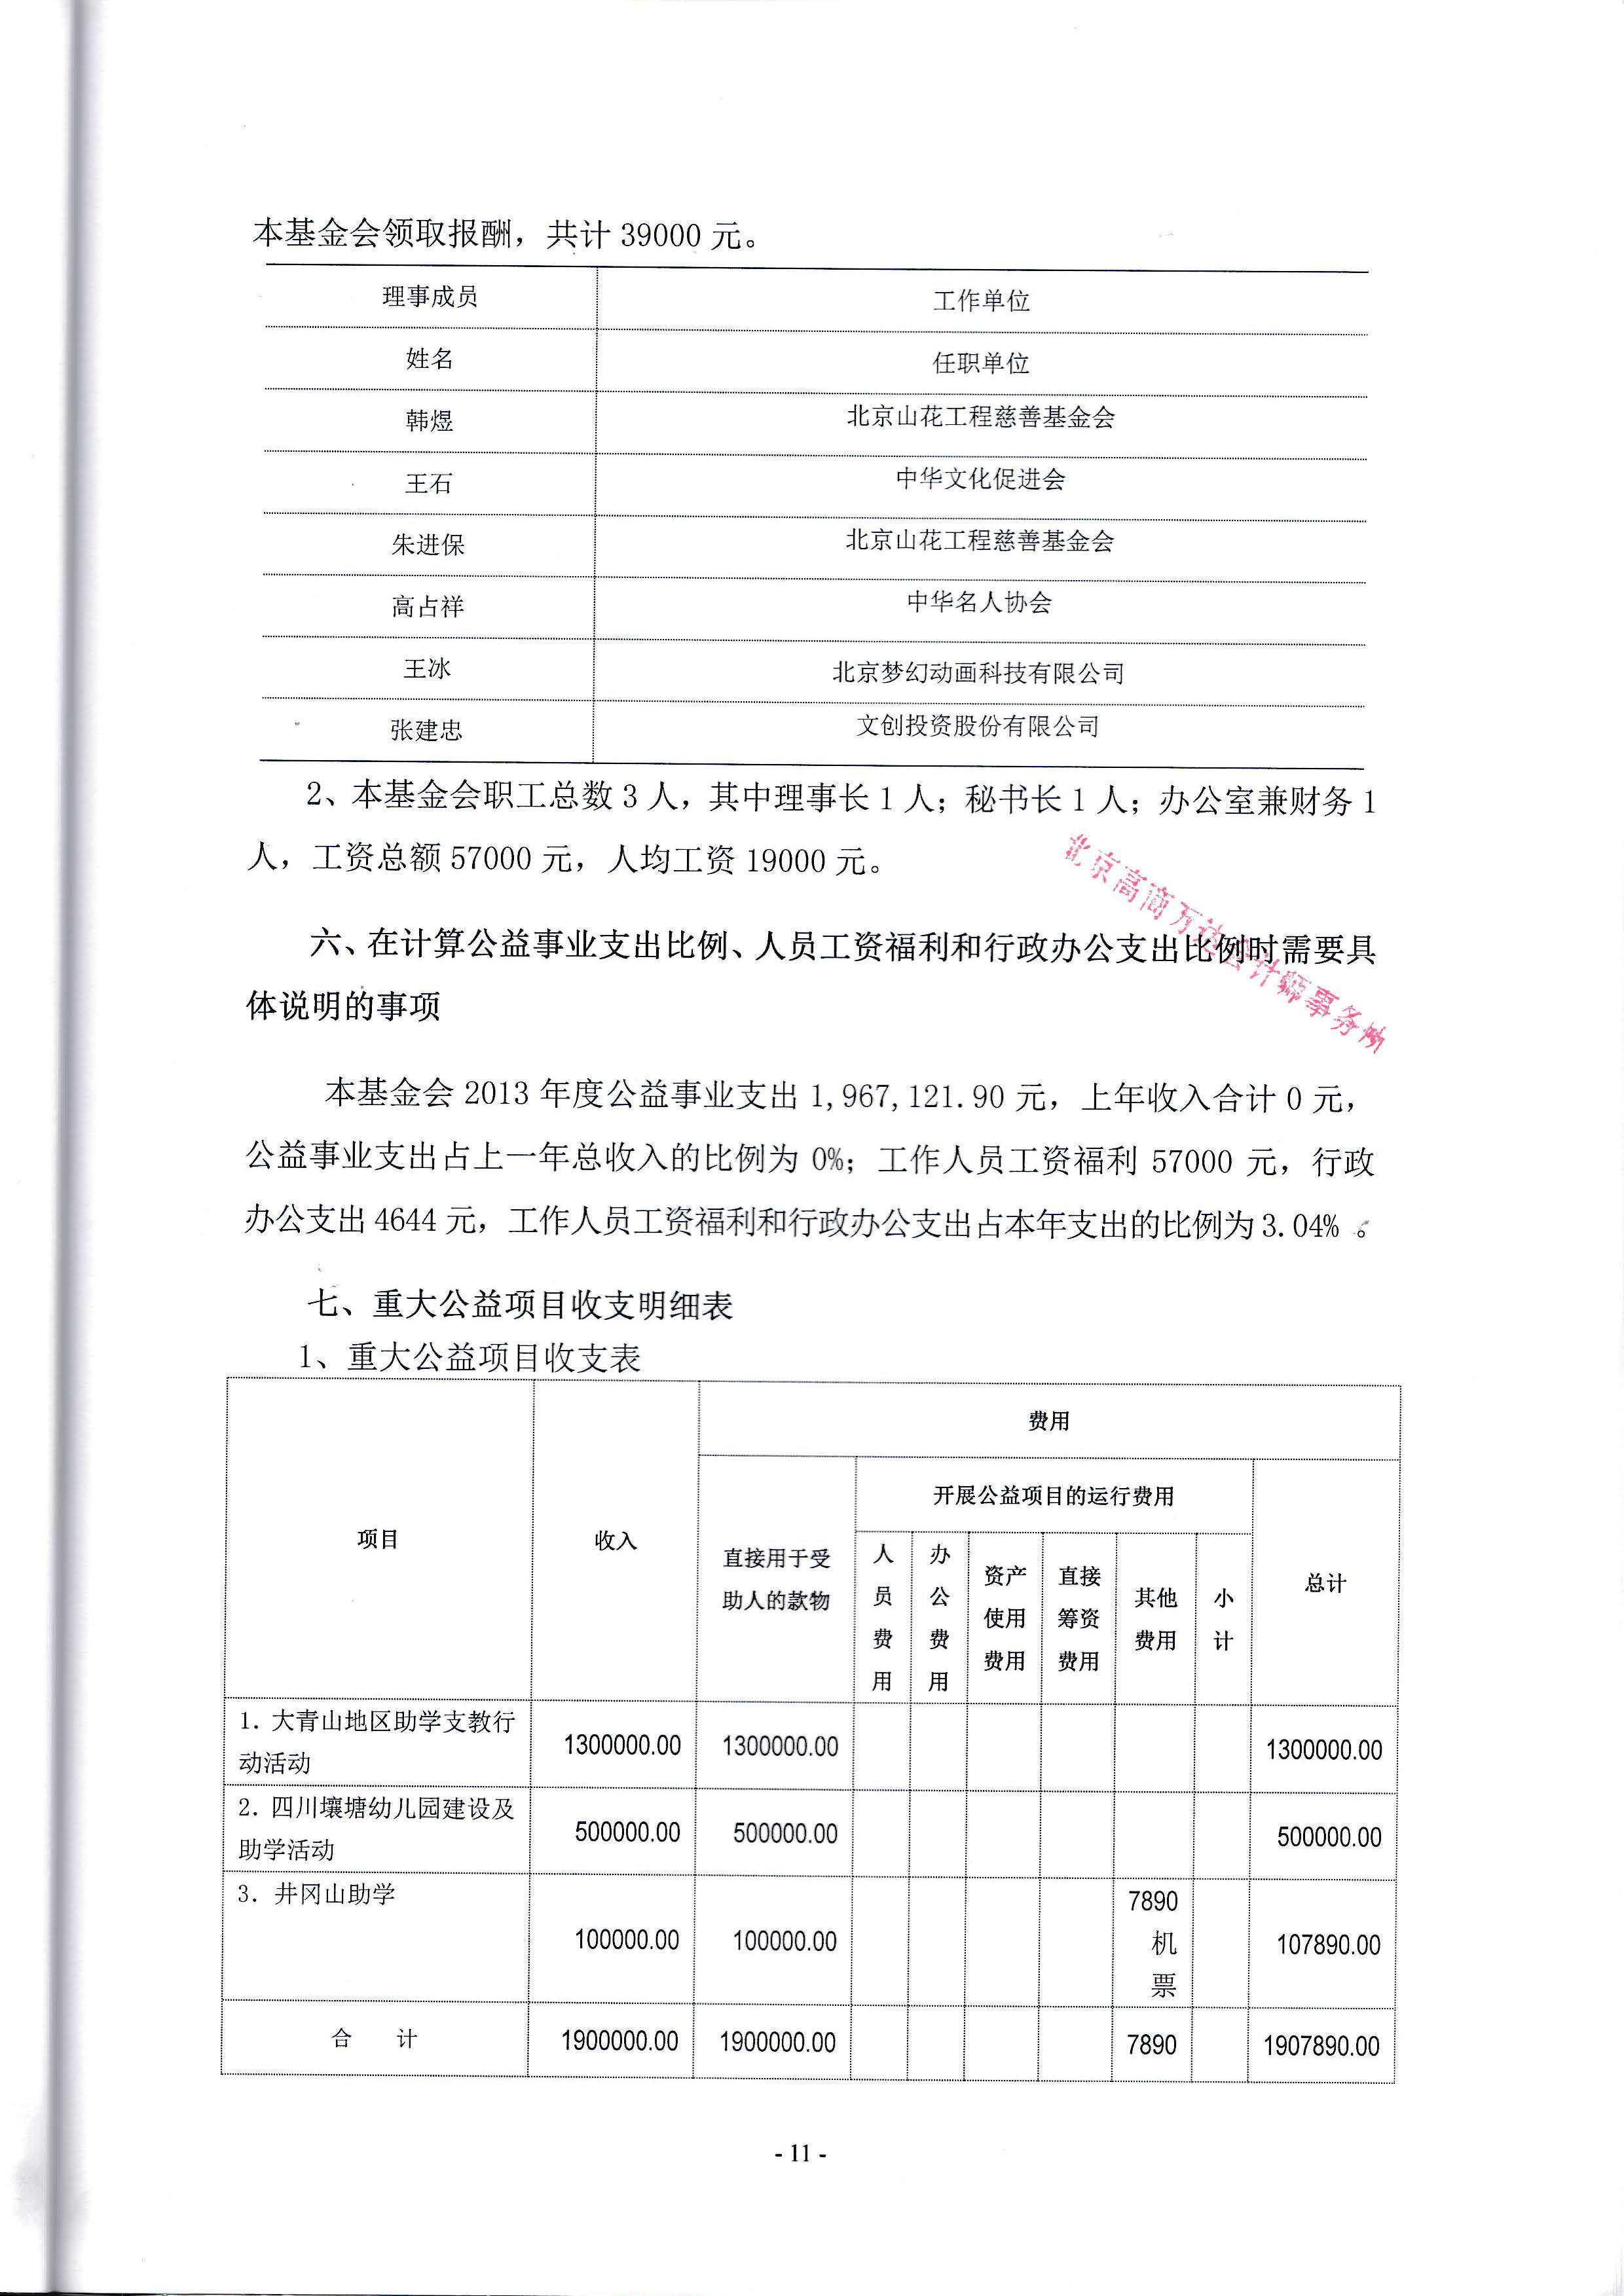 2013审计报告_页面_14